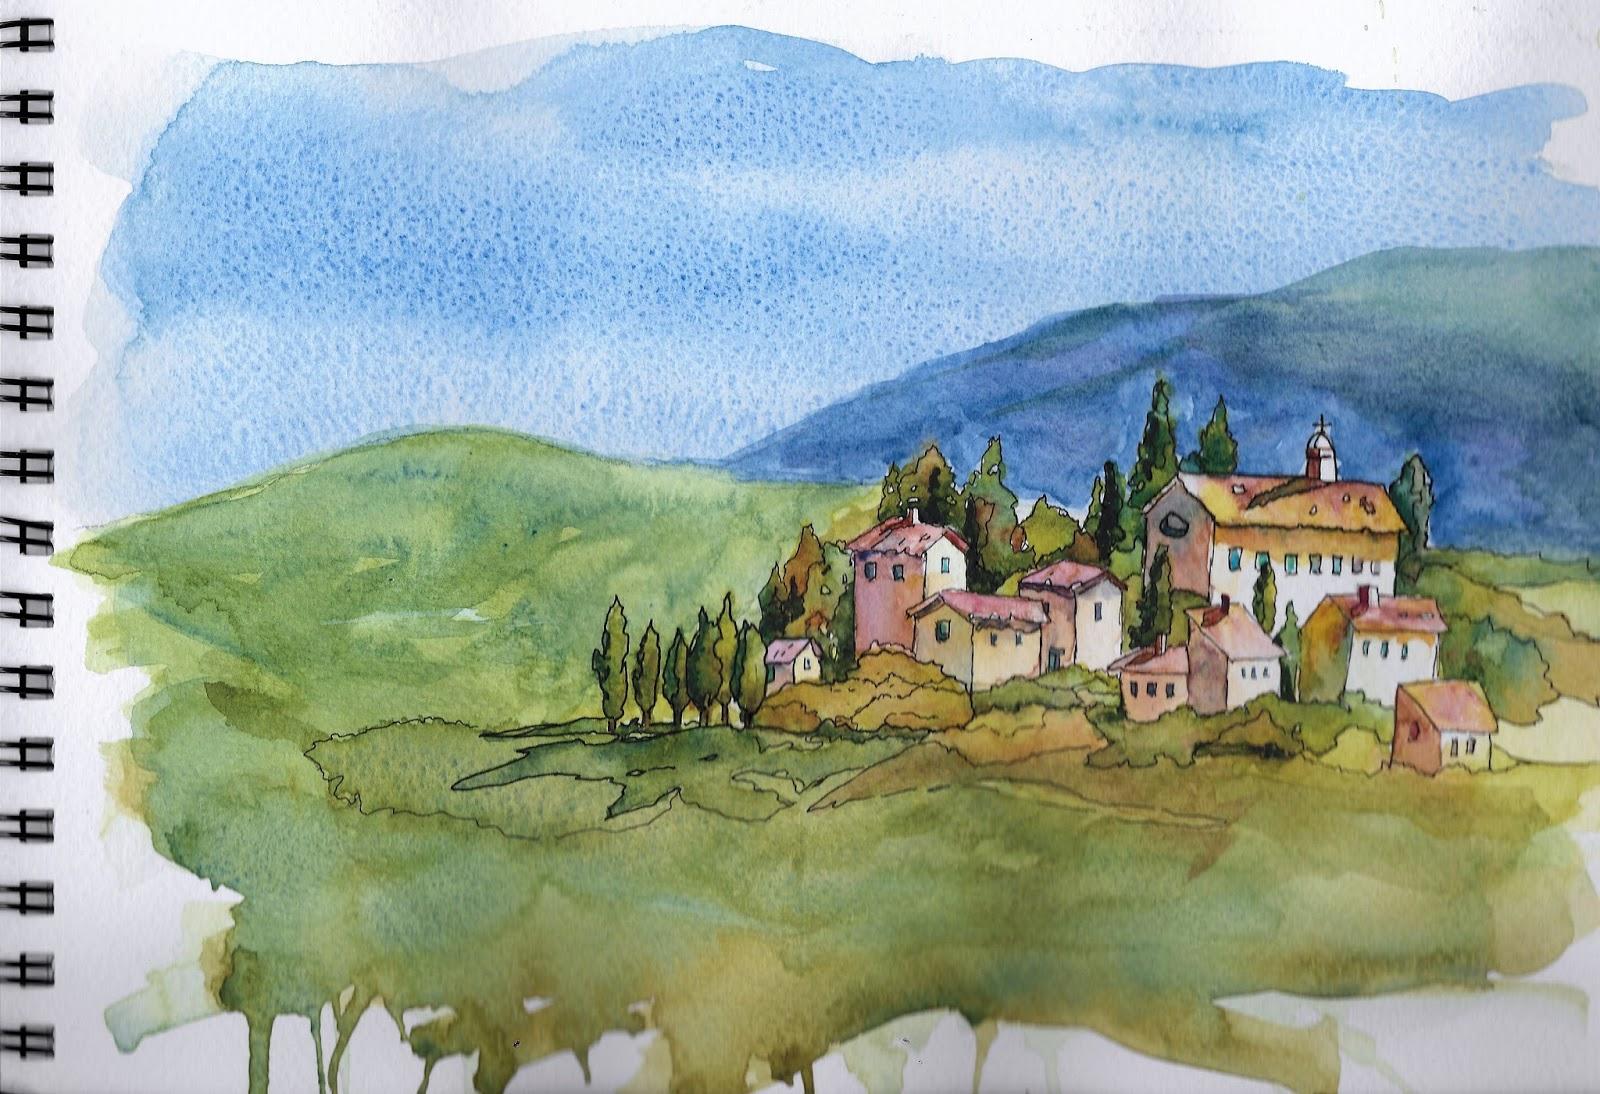 Art in my Heart, Jacqueline Newbold